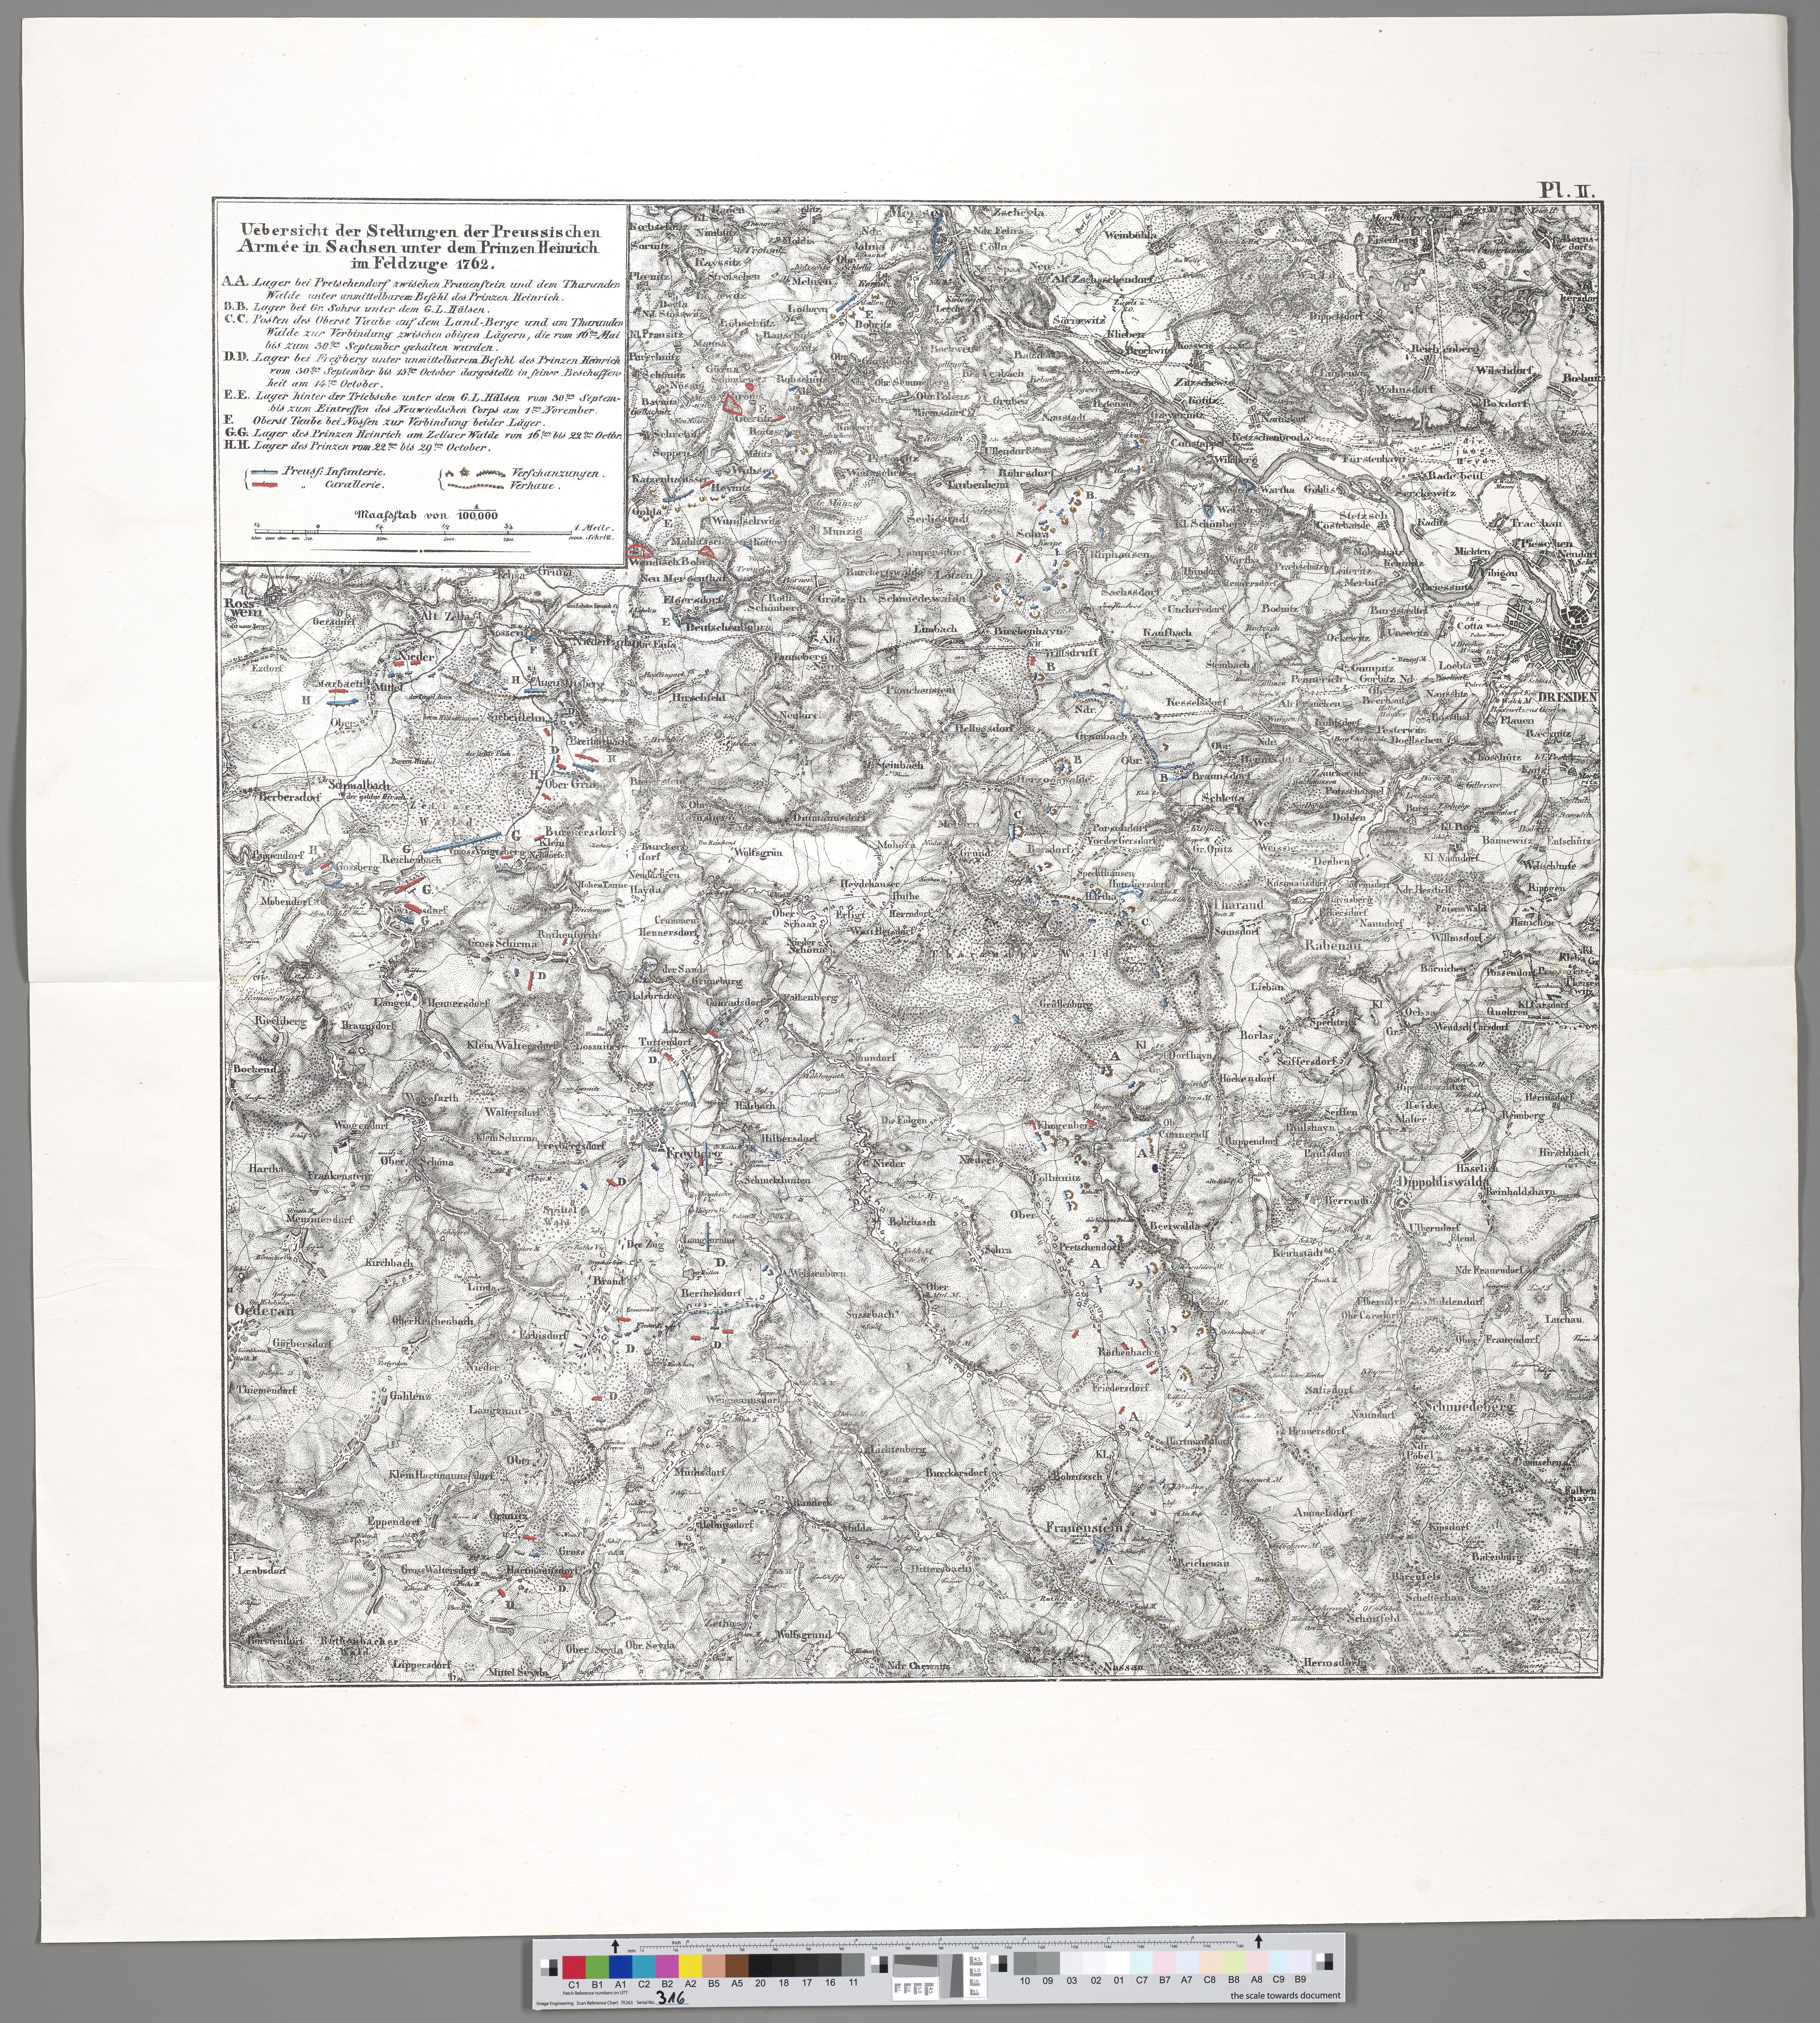 Antique Maps Vereinigt 1893 Landkarte Map Original Drucke 2 Landkarten West Asien